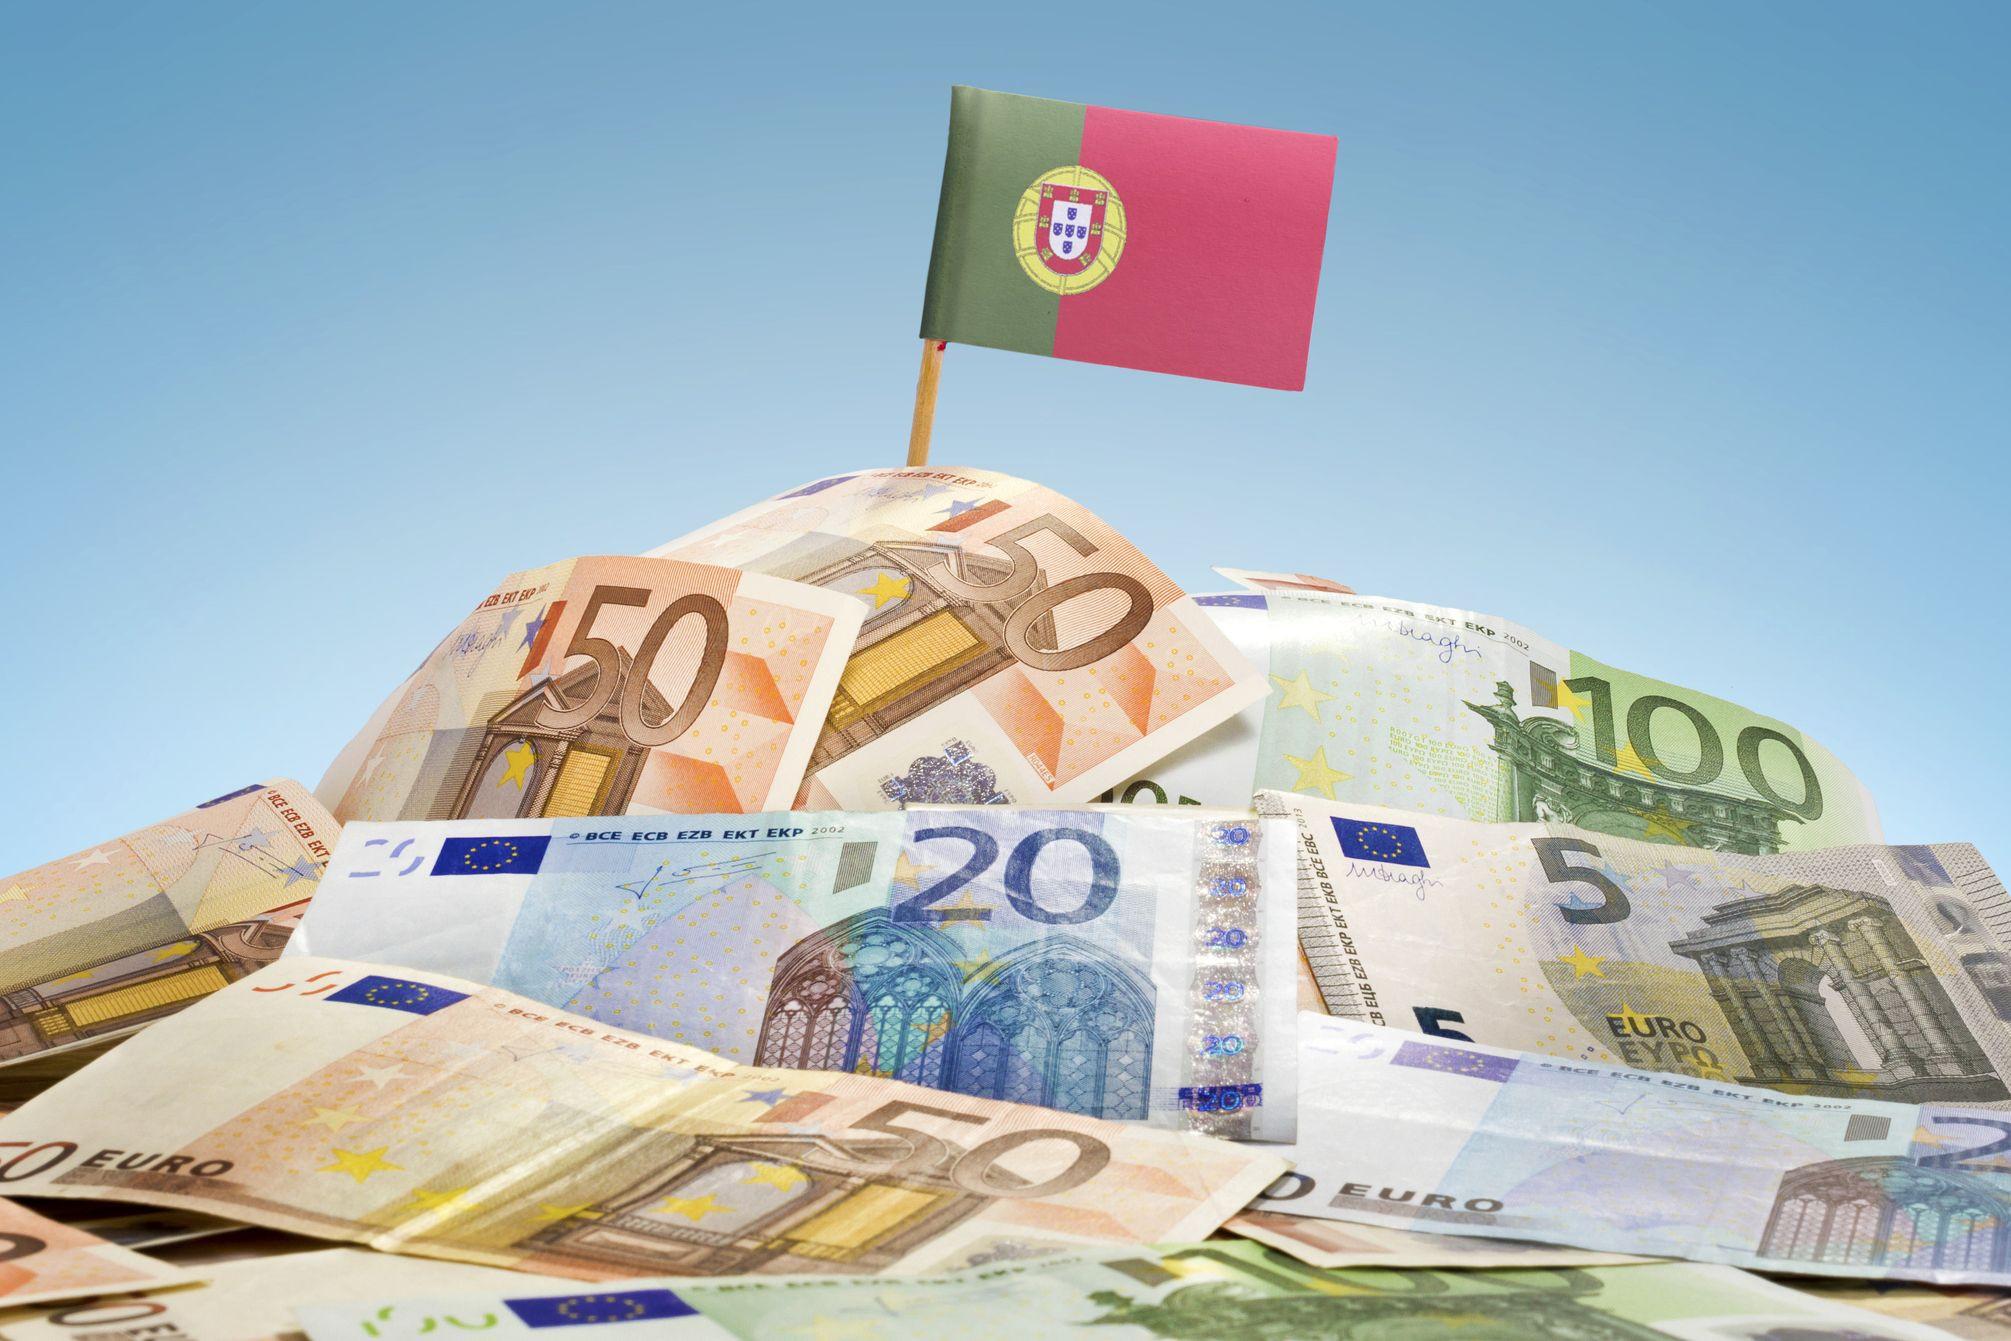 Juros da dívida de Portugal caem a dois, cinco e 10 anos